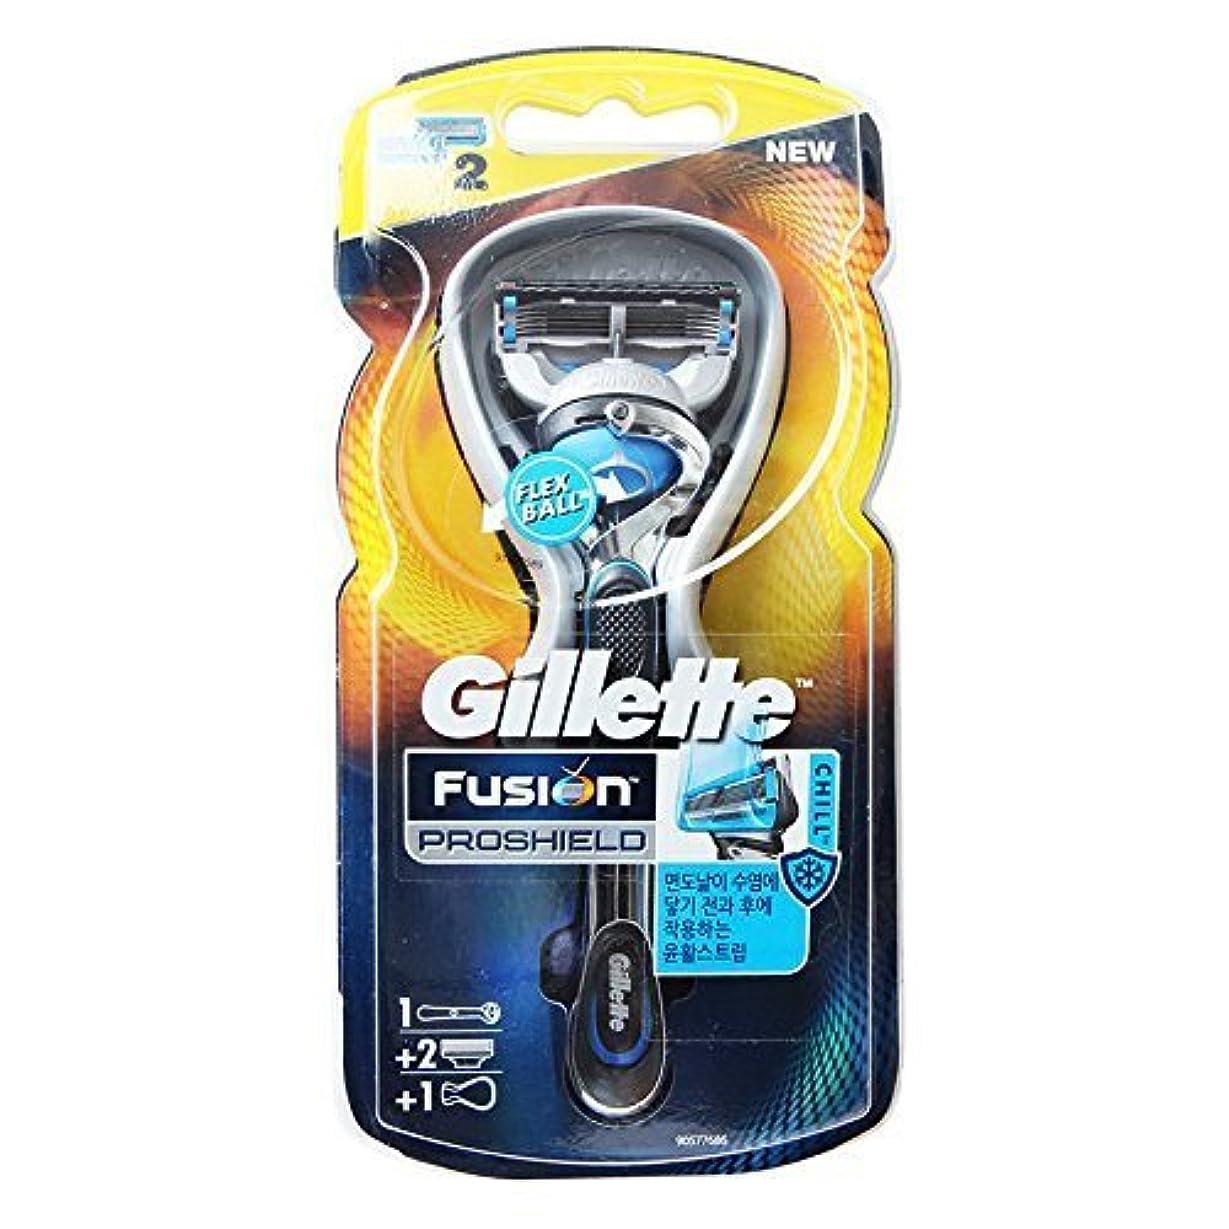 順応性円形表面Gillette Fusion Proshield Chill Blue フレックスボールレザーブレードリフィル付きメンズカミソリ2カウント [並行輸入品]